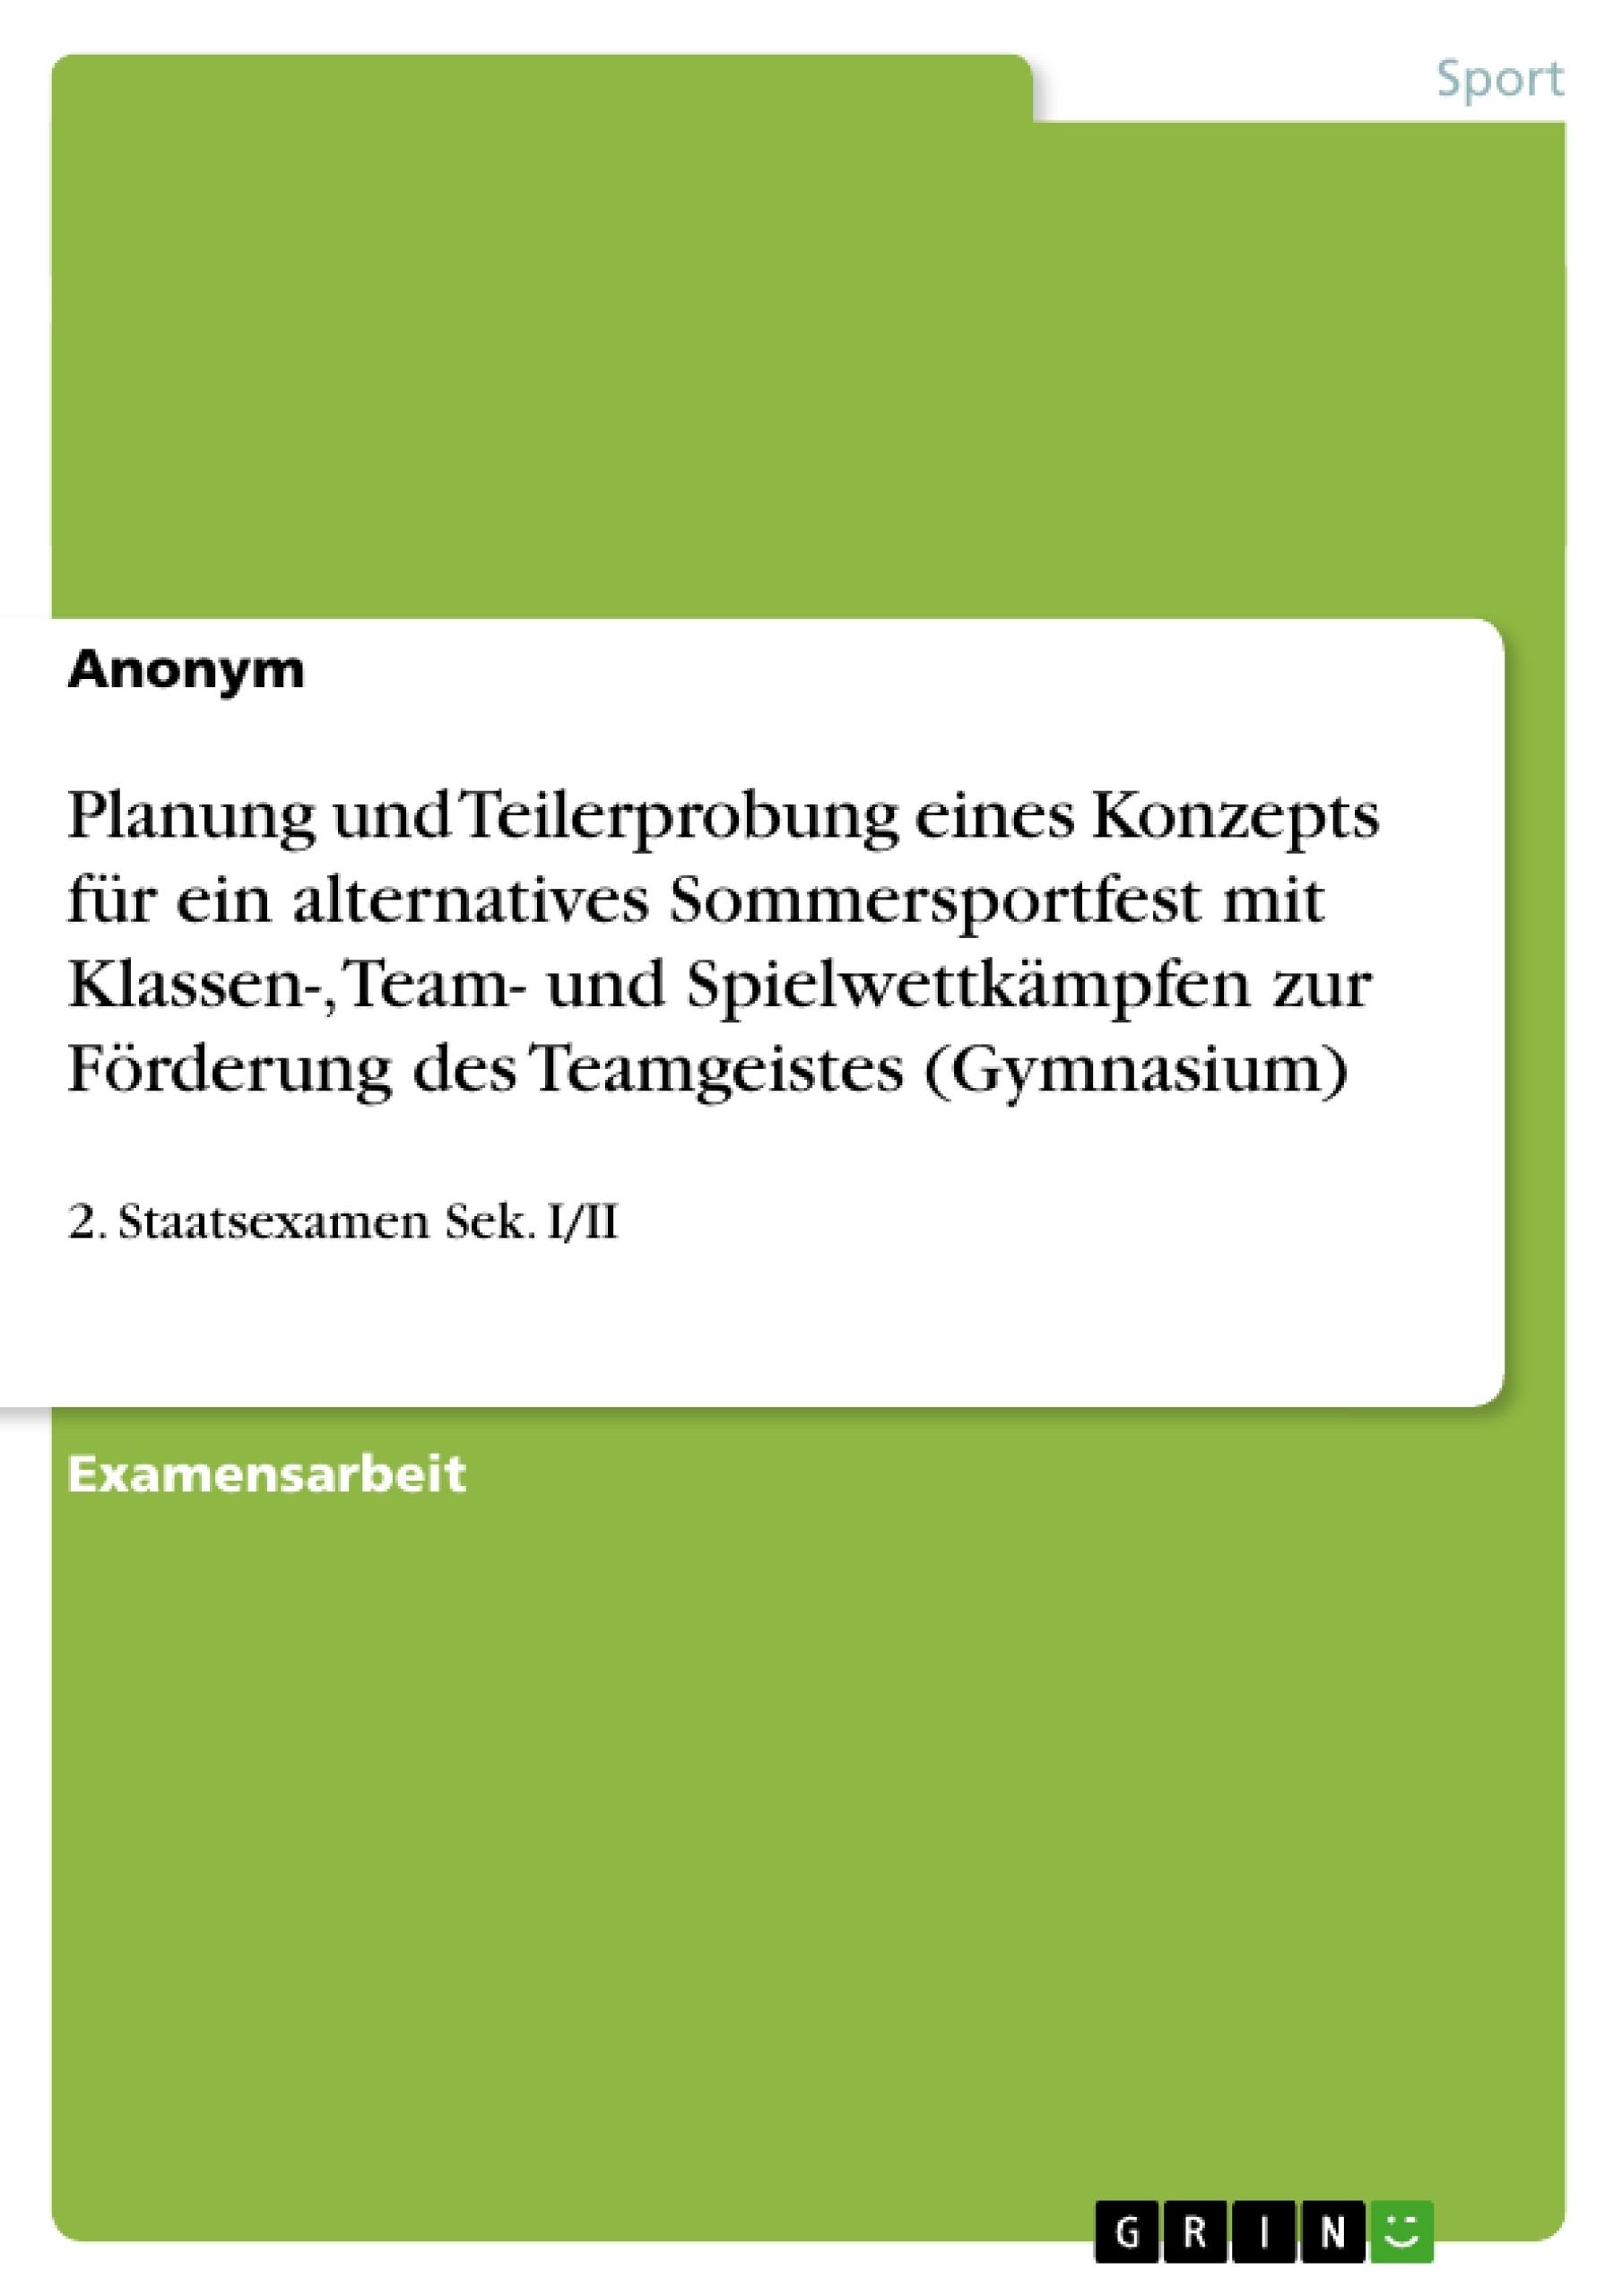 Titel: Planung und Teilerprobung eines Konzepts für ein alternatives Sommersportfest mit Klassen-, Team- und Spielwettkämpfen zur Förderung des Teamgeistes (Gymnasium)